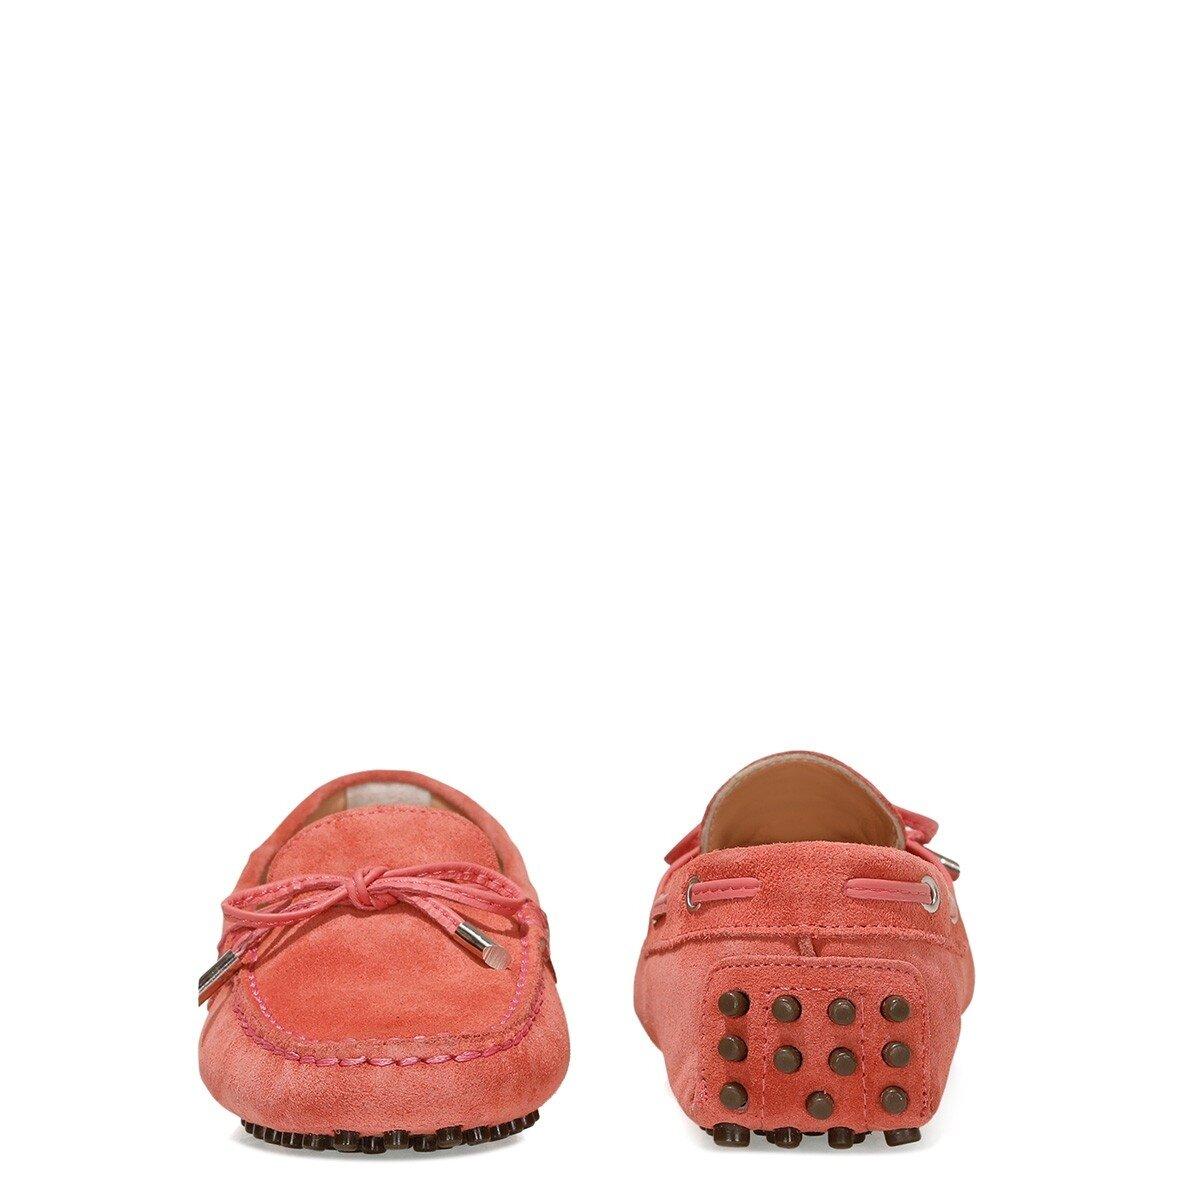 NEWHOLT2 1FX Pembe Kadın Loafer